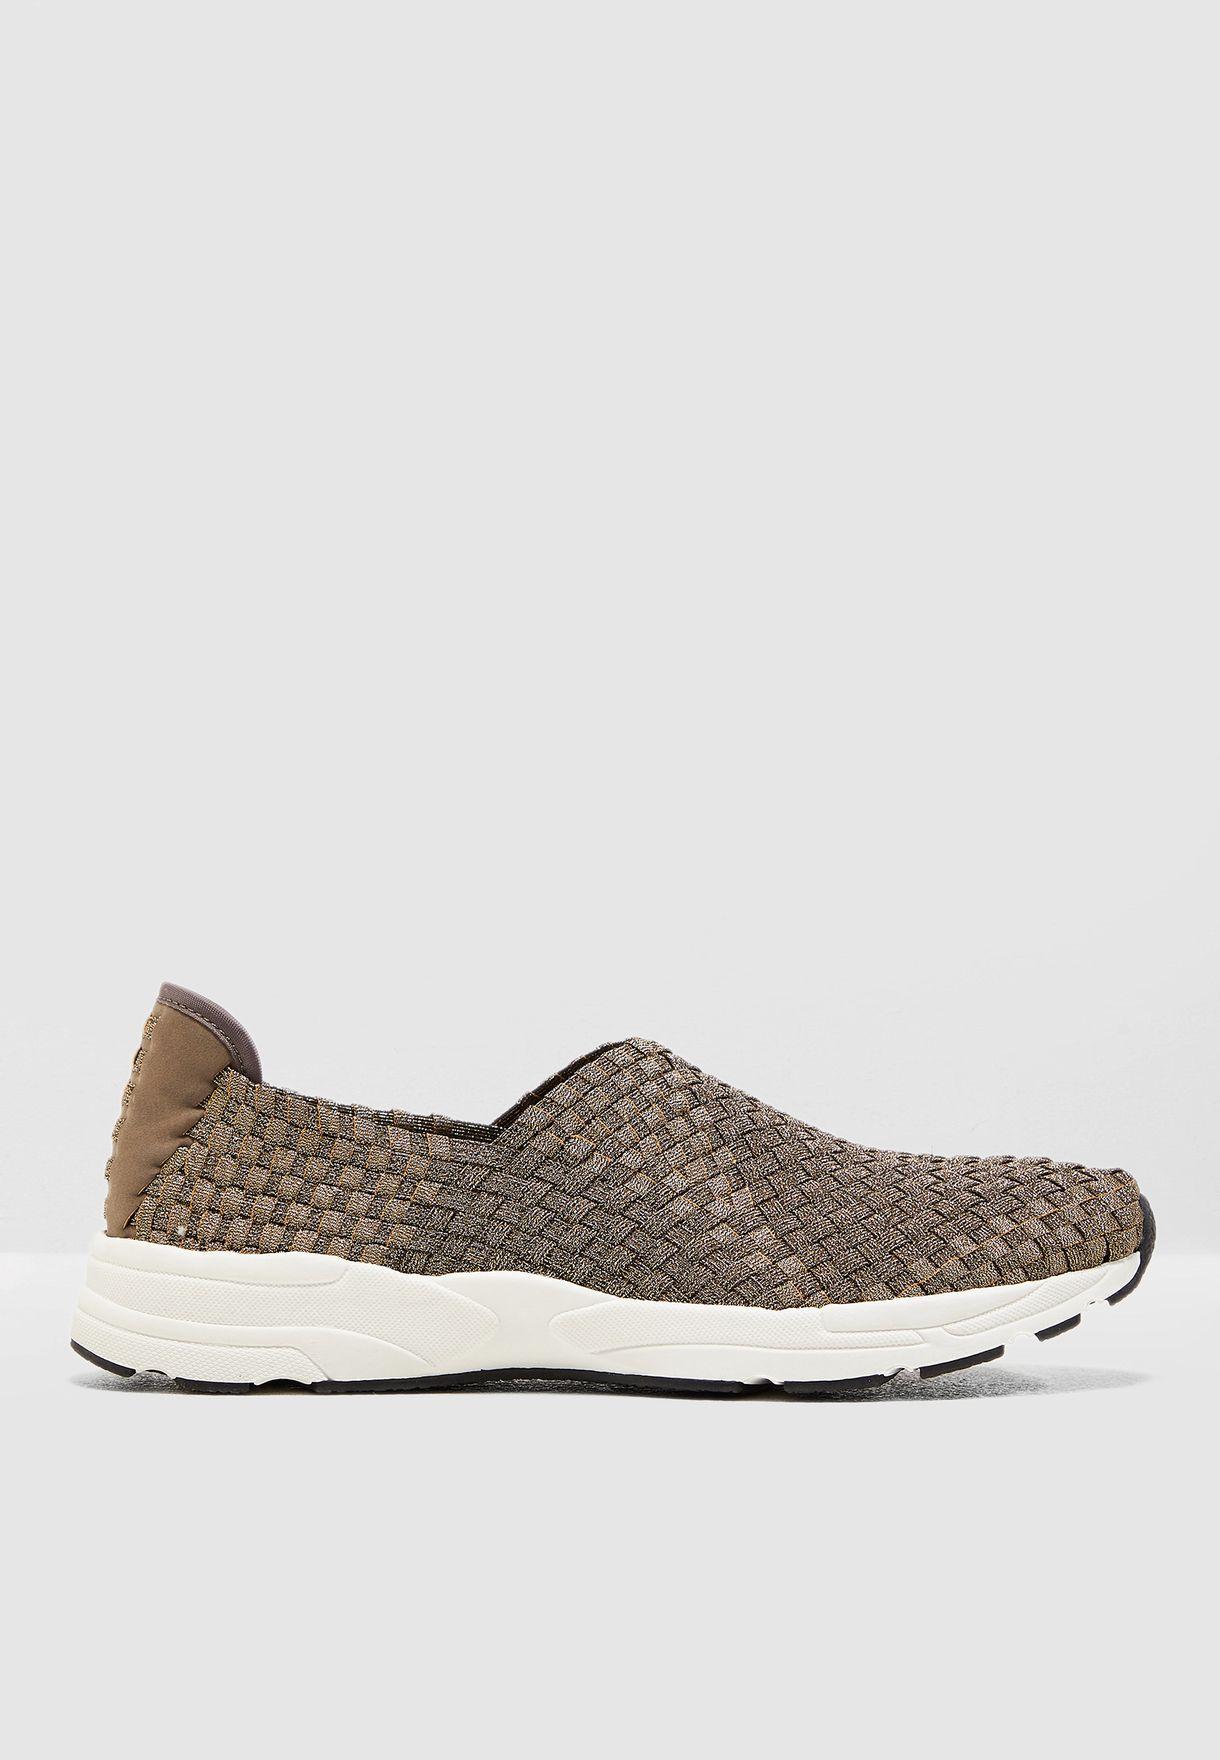 Steve Madden Jane Slip On - Taupe Brand Shoes